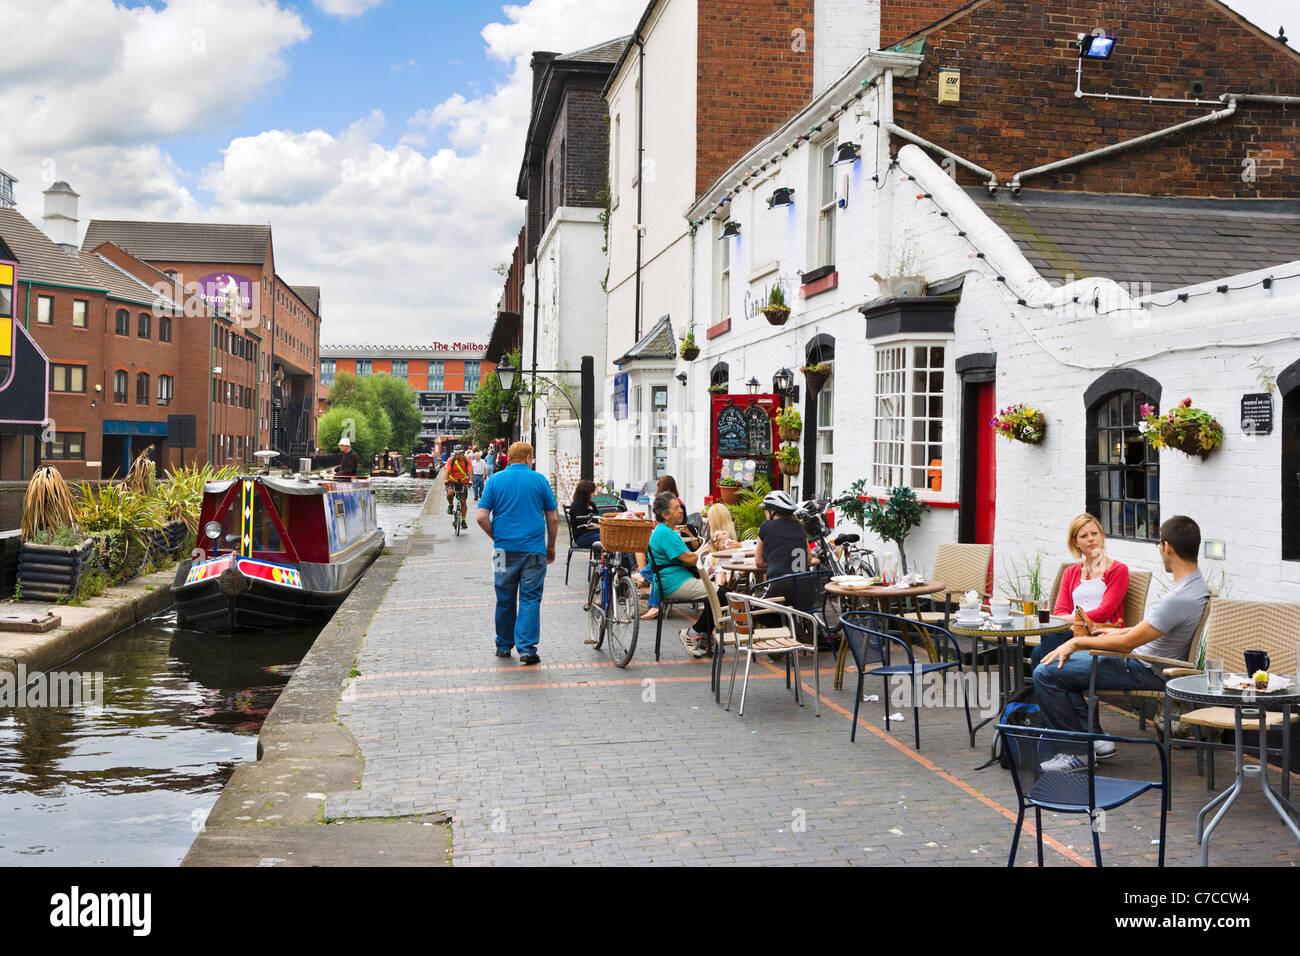 Café au bord du canal au bassin de la rue du gaz avec le Premier Inn et le centre de la boîte aux lettres Photo Stock